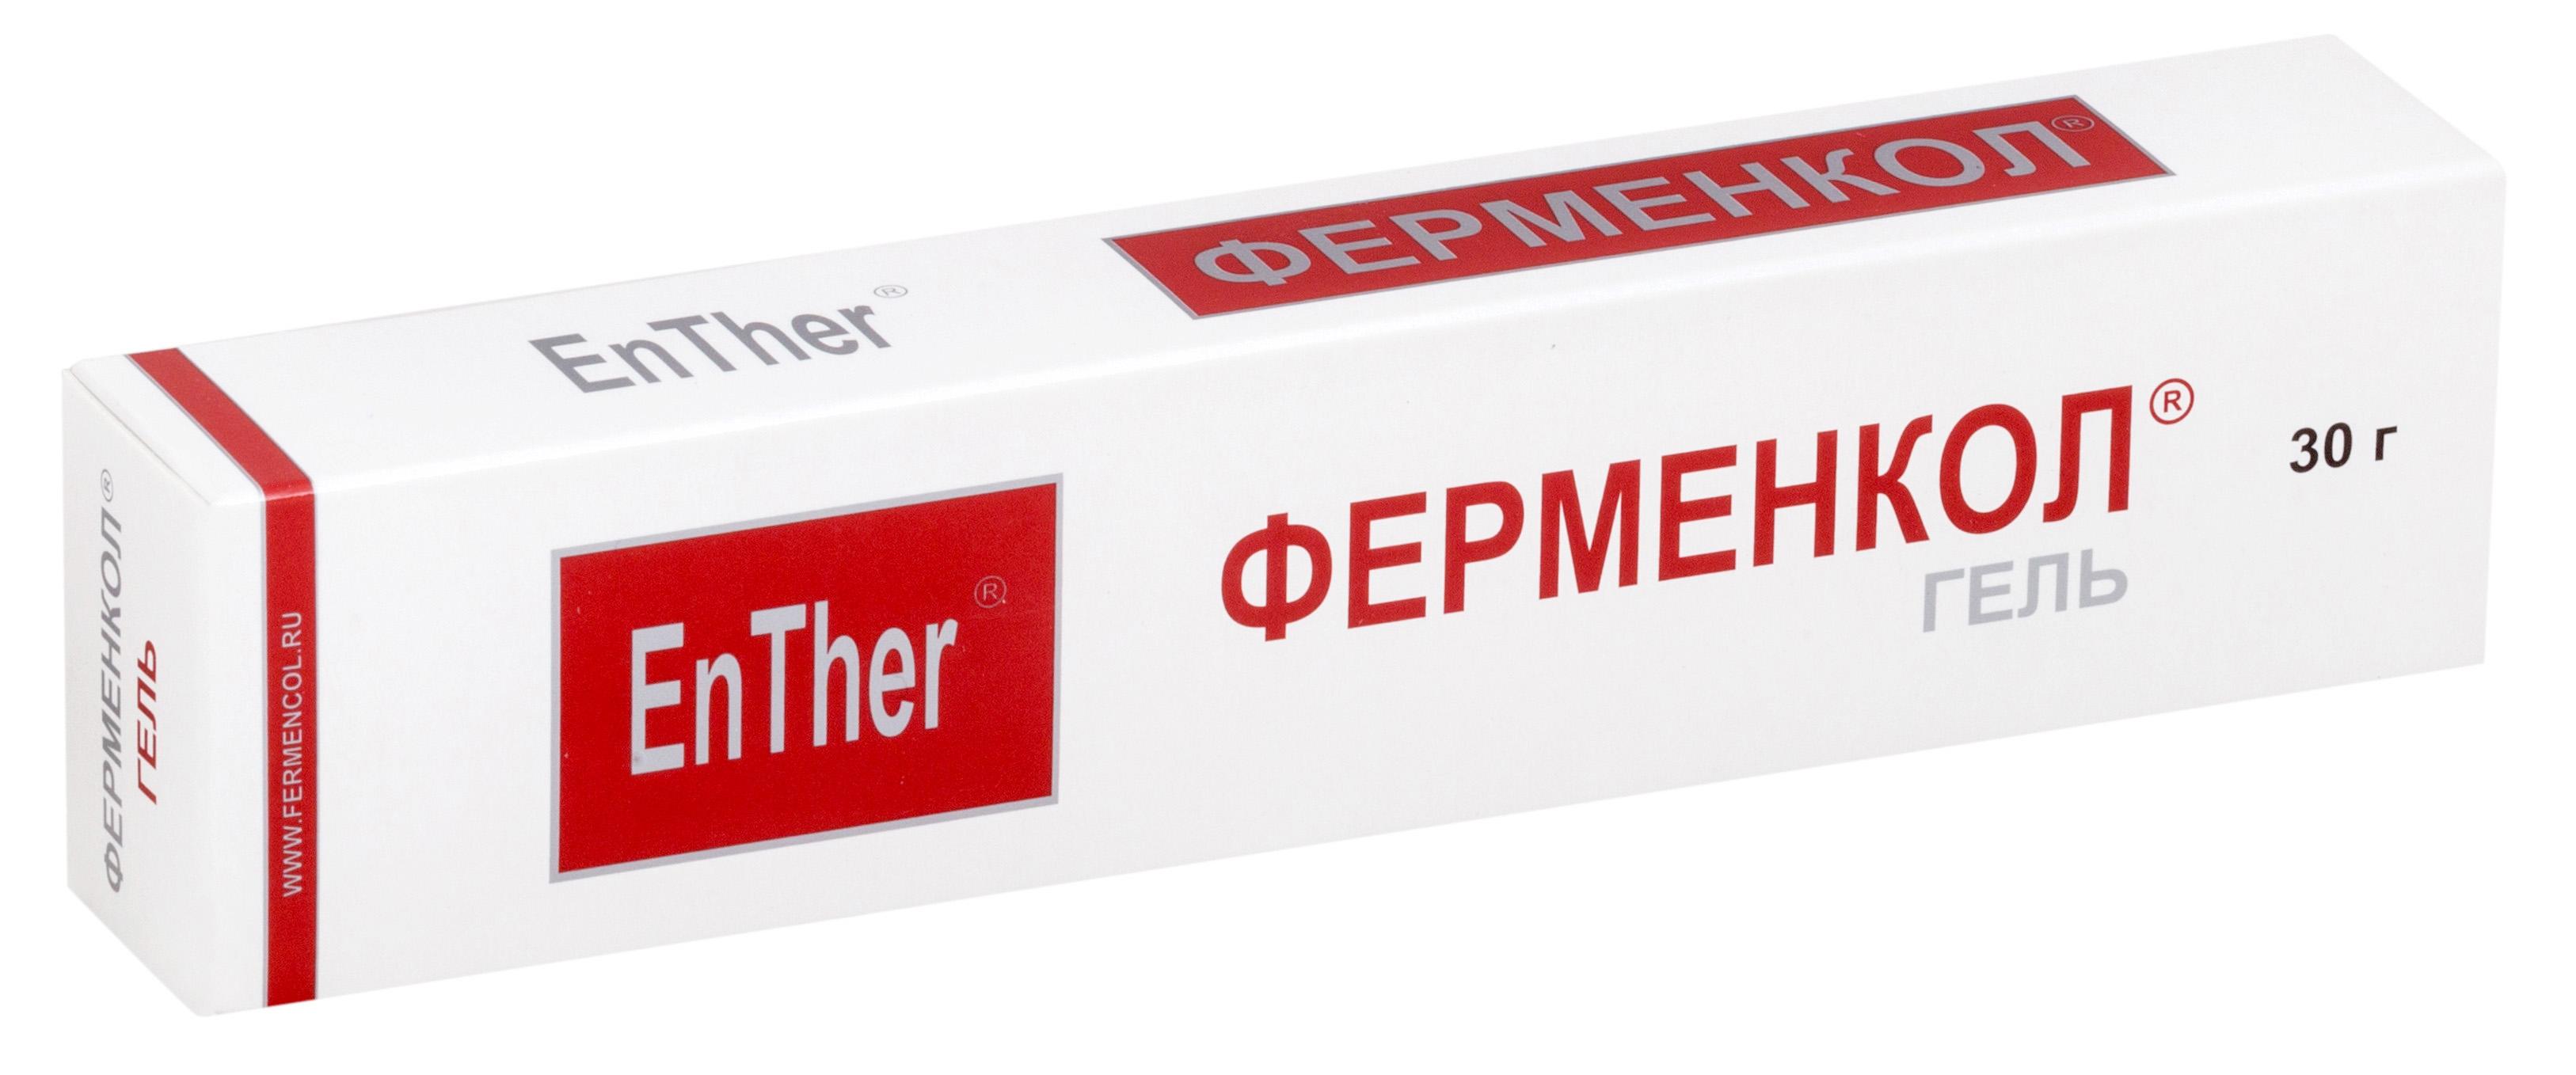 Ферменкол гель косметической линии enther туба 30г